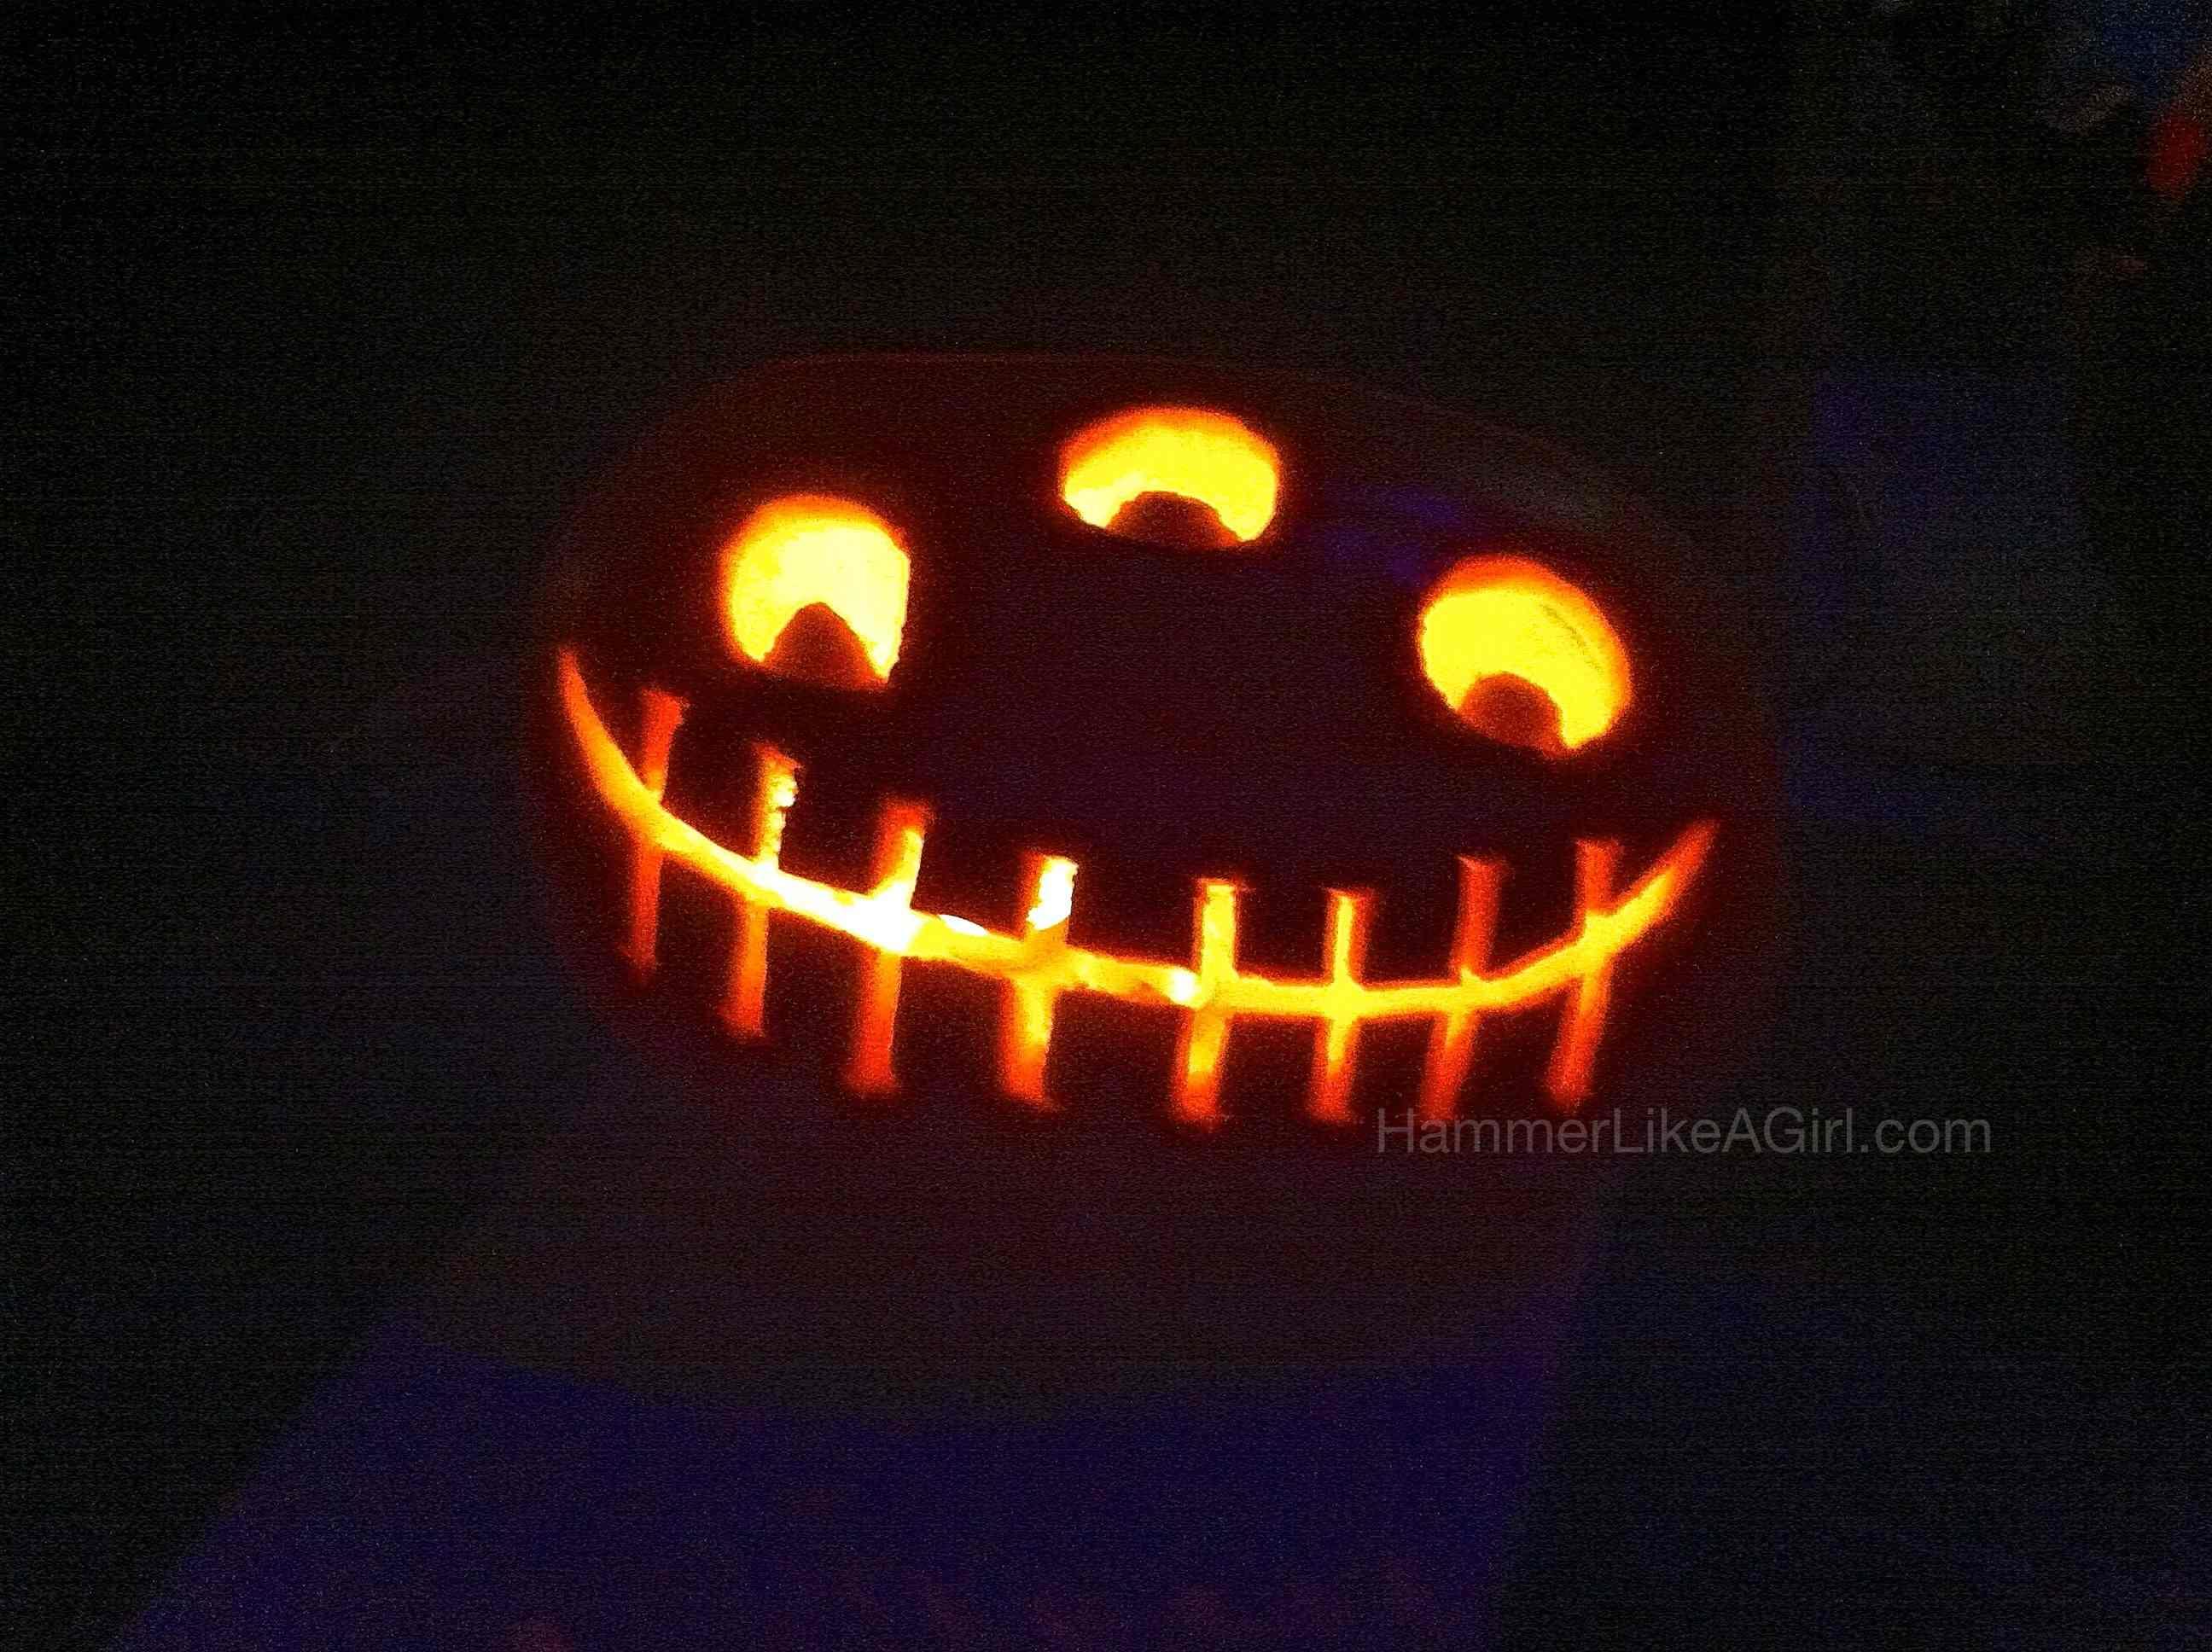 October 2012 hammer like a girlhammer like a girl for Alien pumpkin pattern